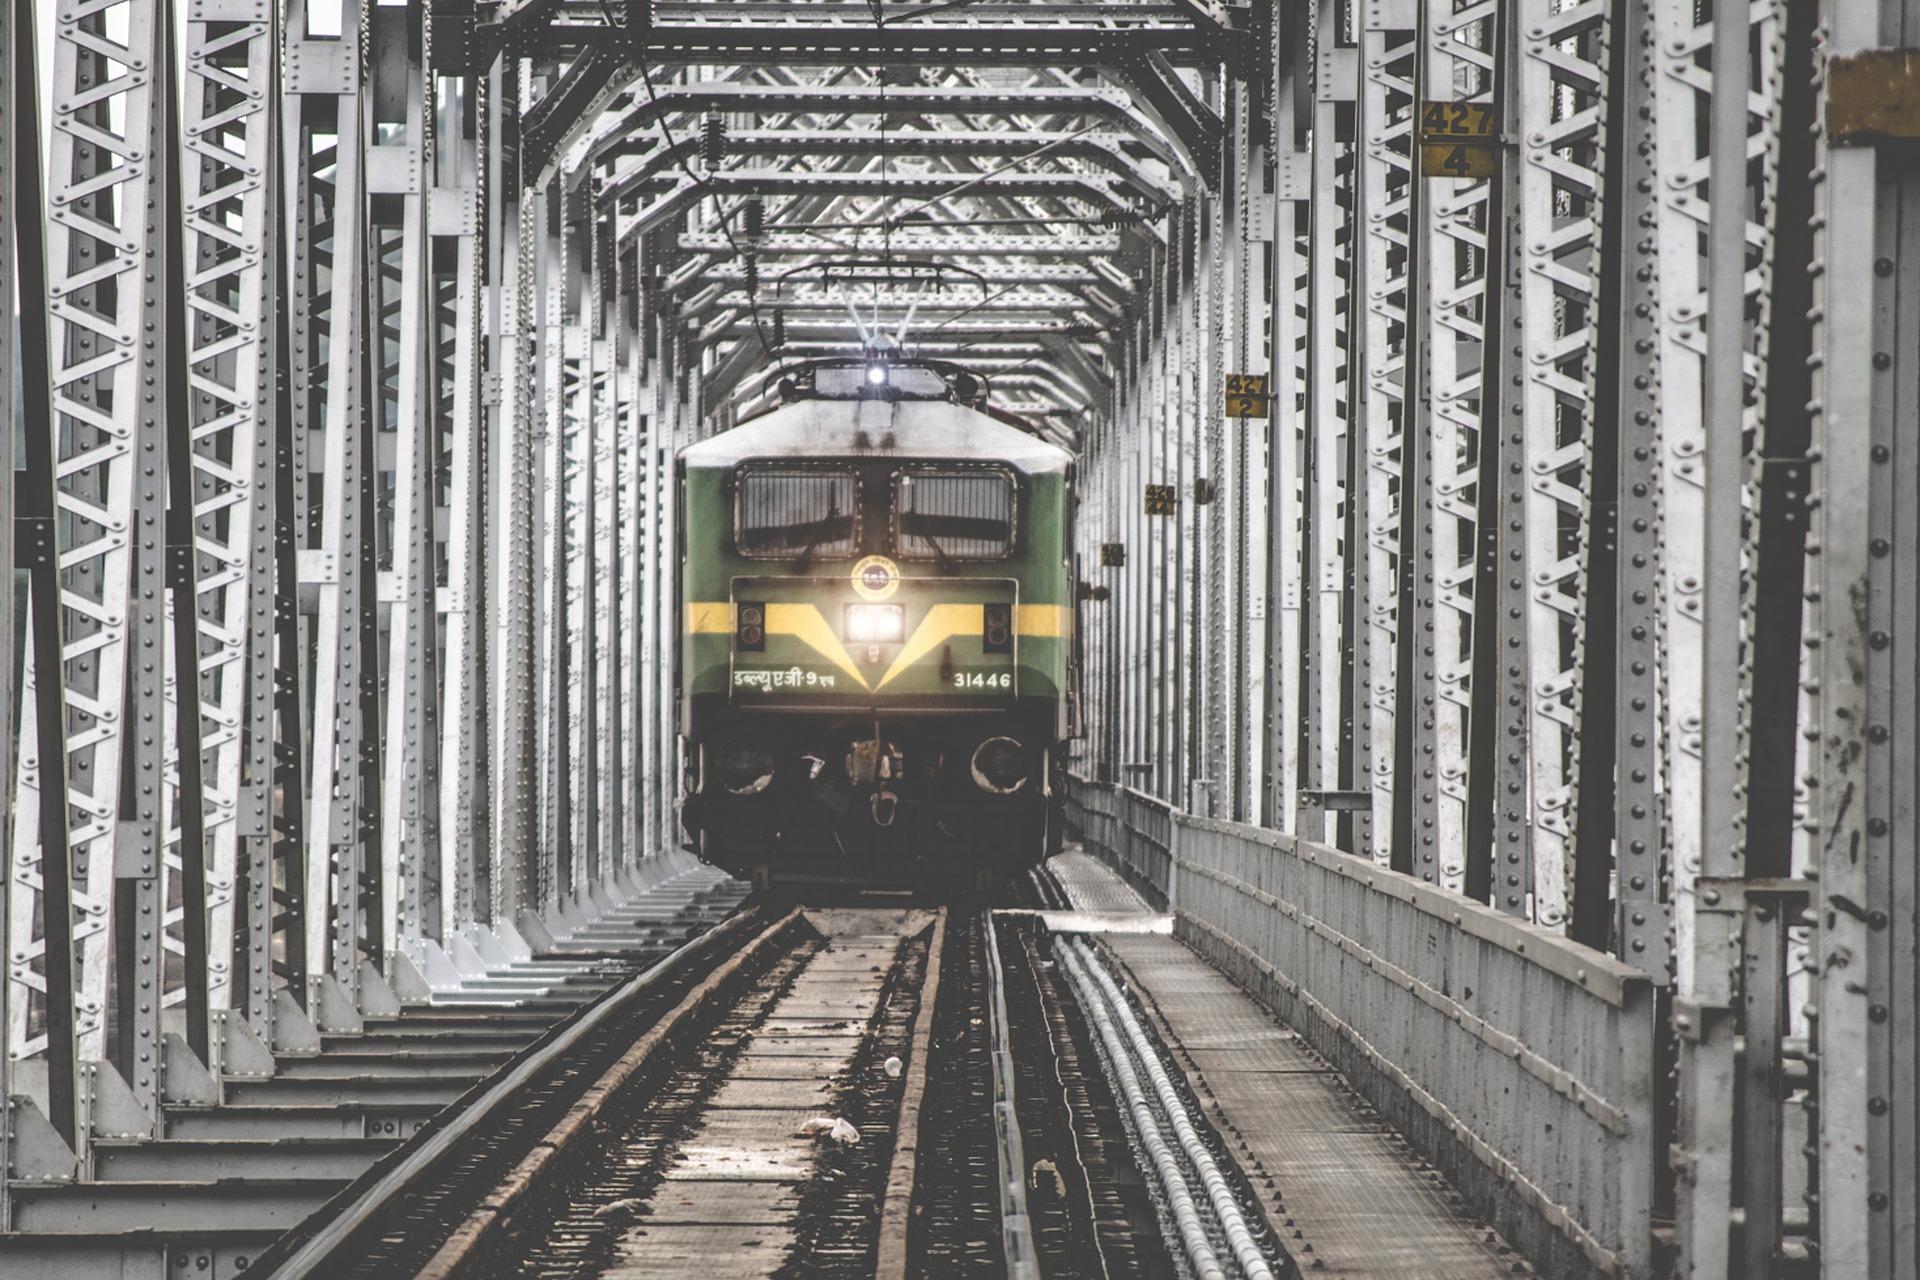 τρένο, γέφυρα, σιδηρόδρομος, Ινδία, κίνηση - Wallpapers HD - Professor-falken.com